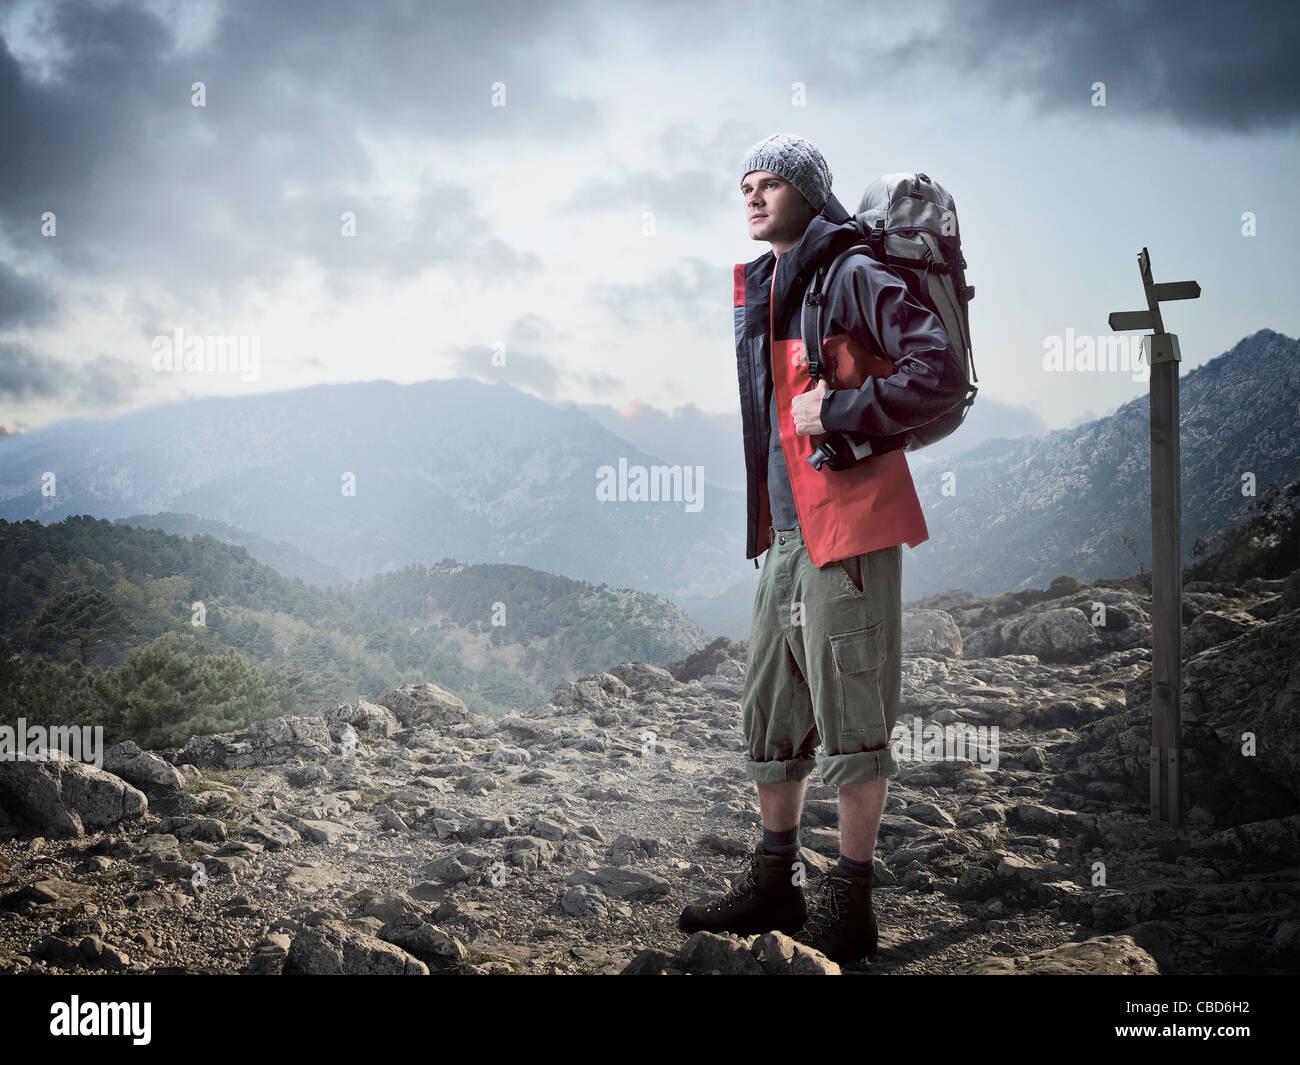 Excursionista de pie en terreno rocoso Imagen De Stock